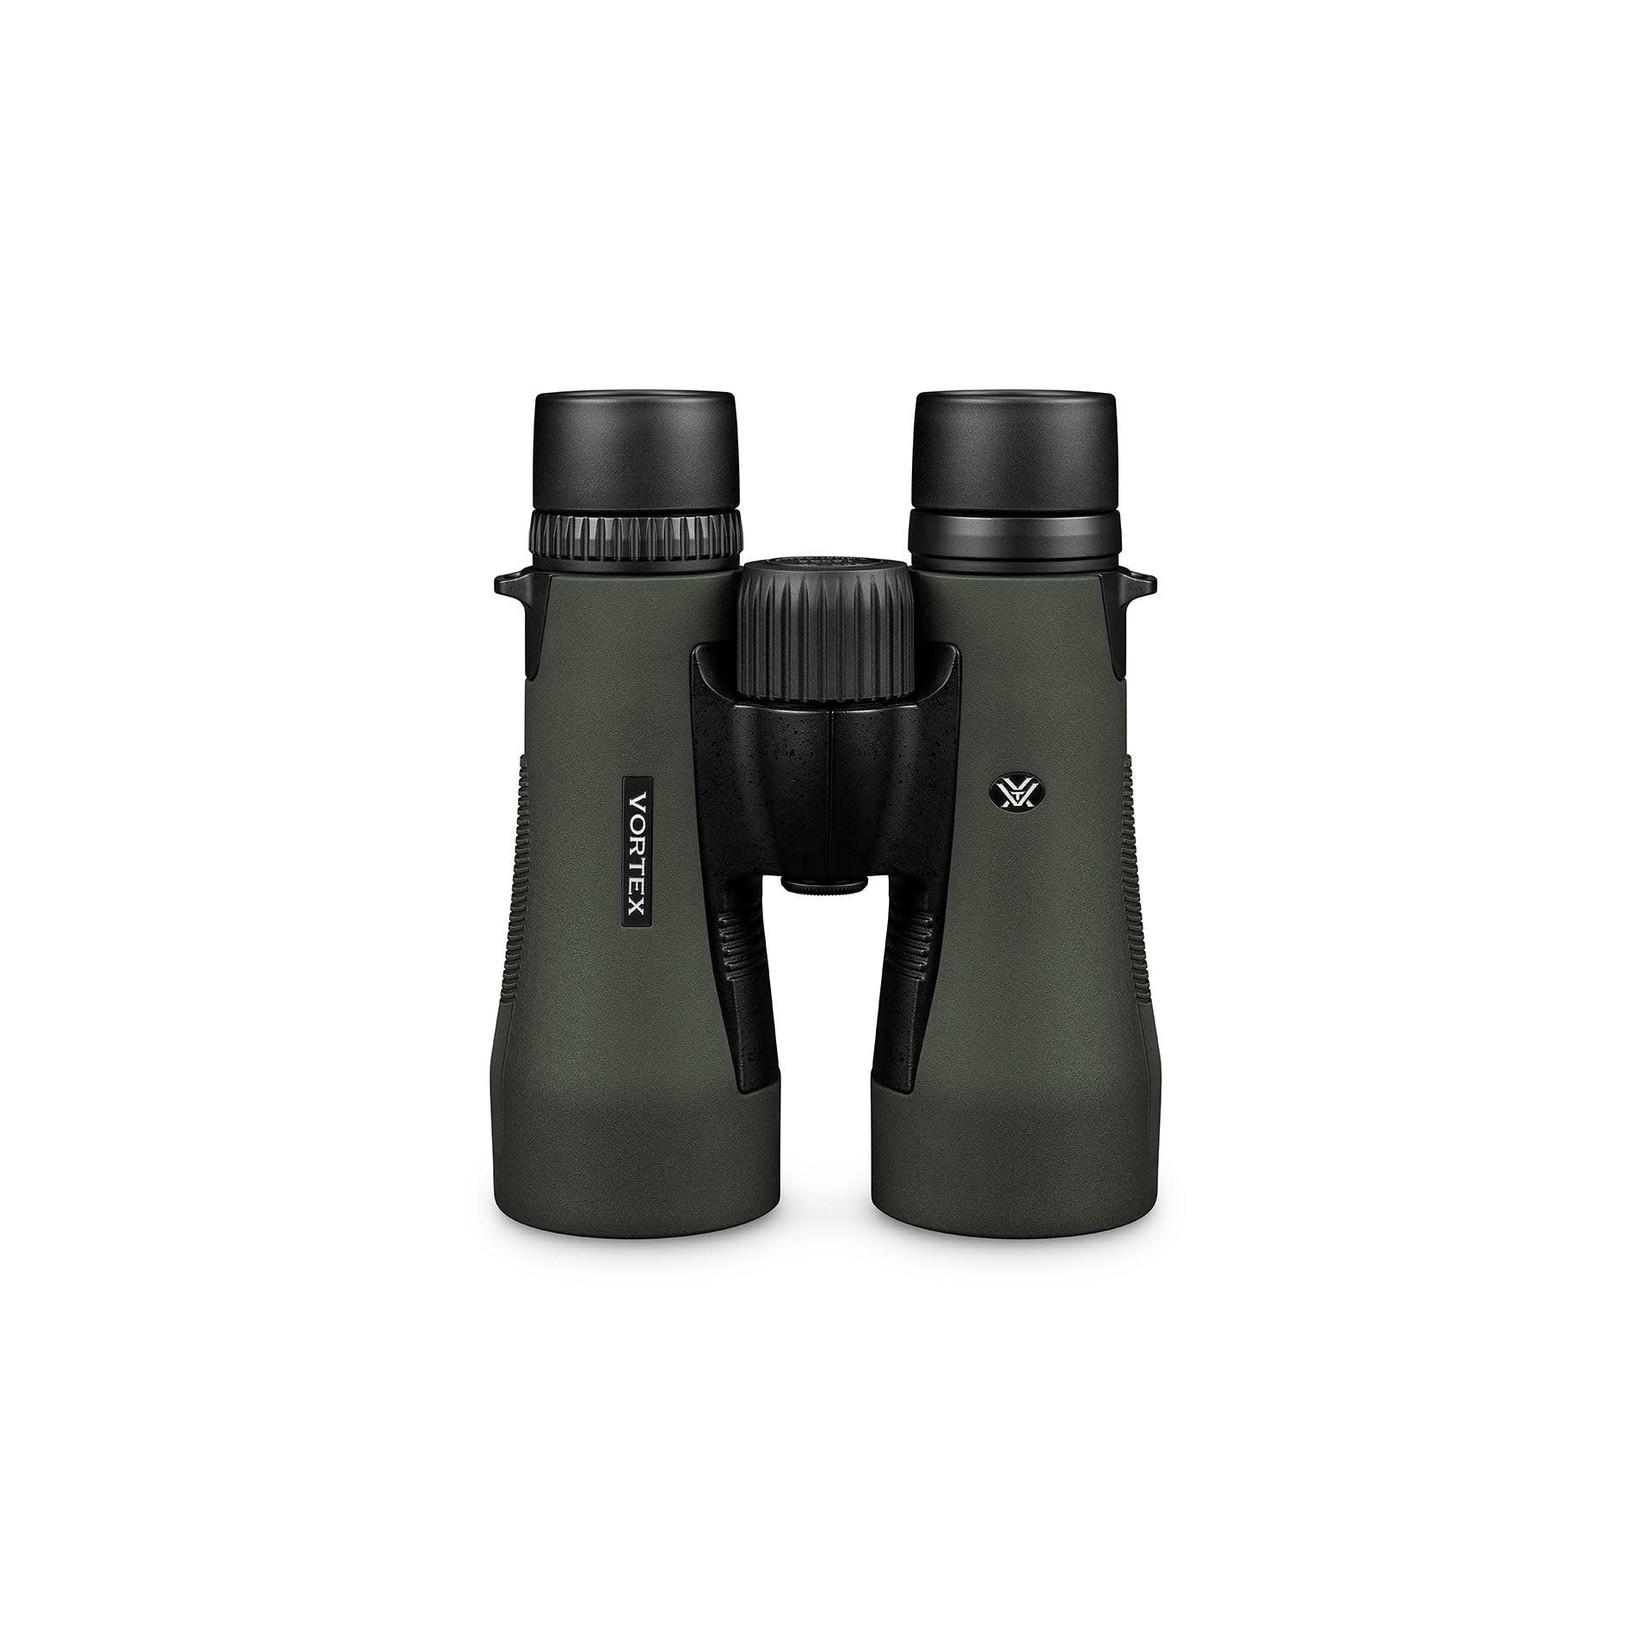 VORTEX Vortex Diamondback HD 12x50 Binocular (DB-217)